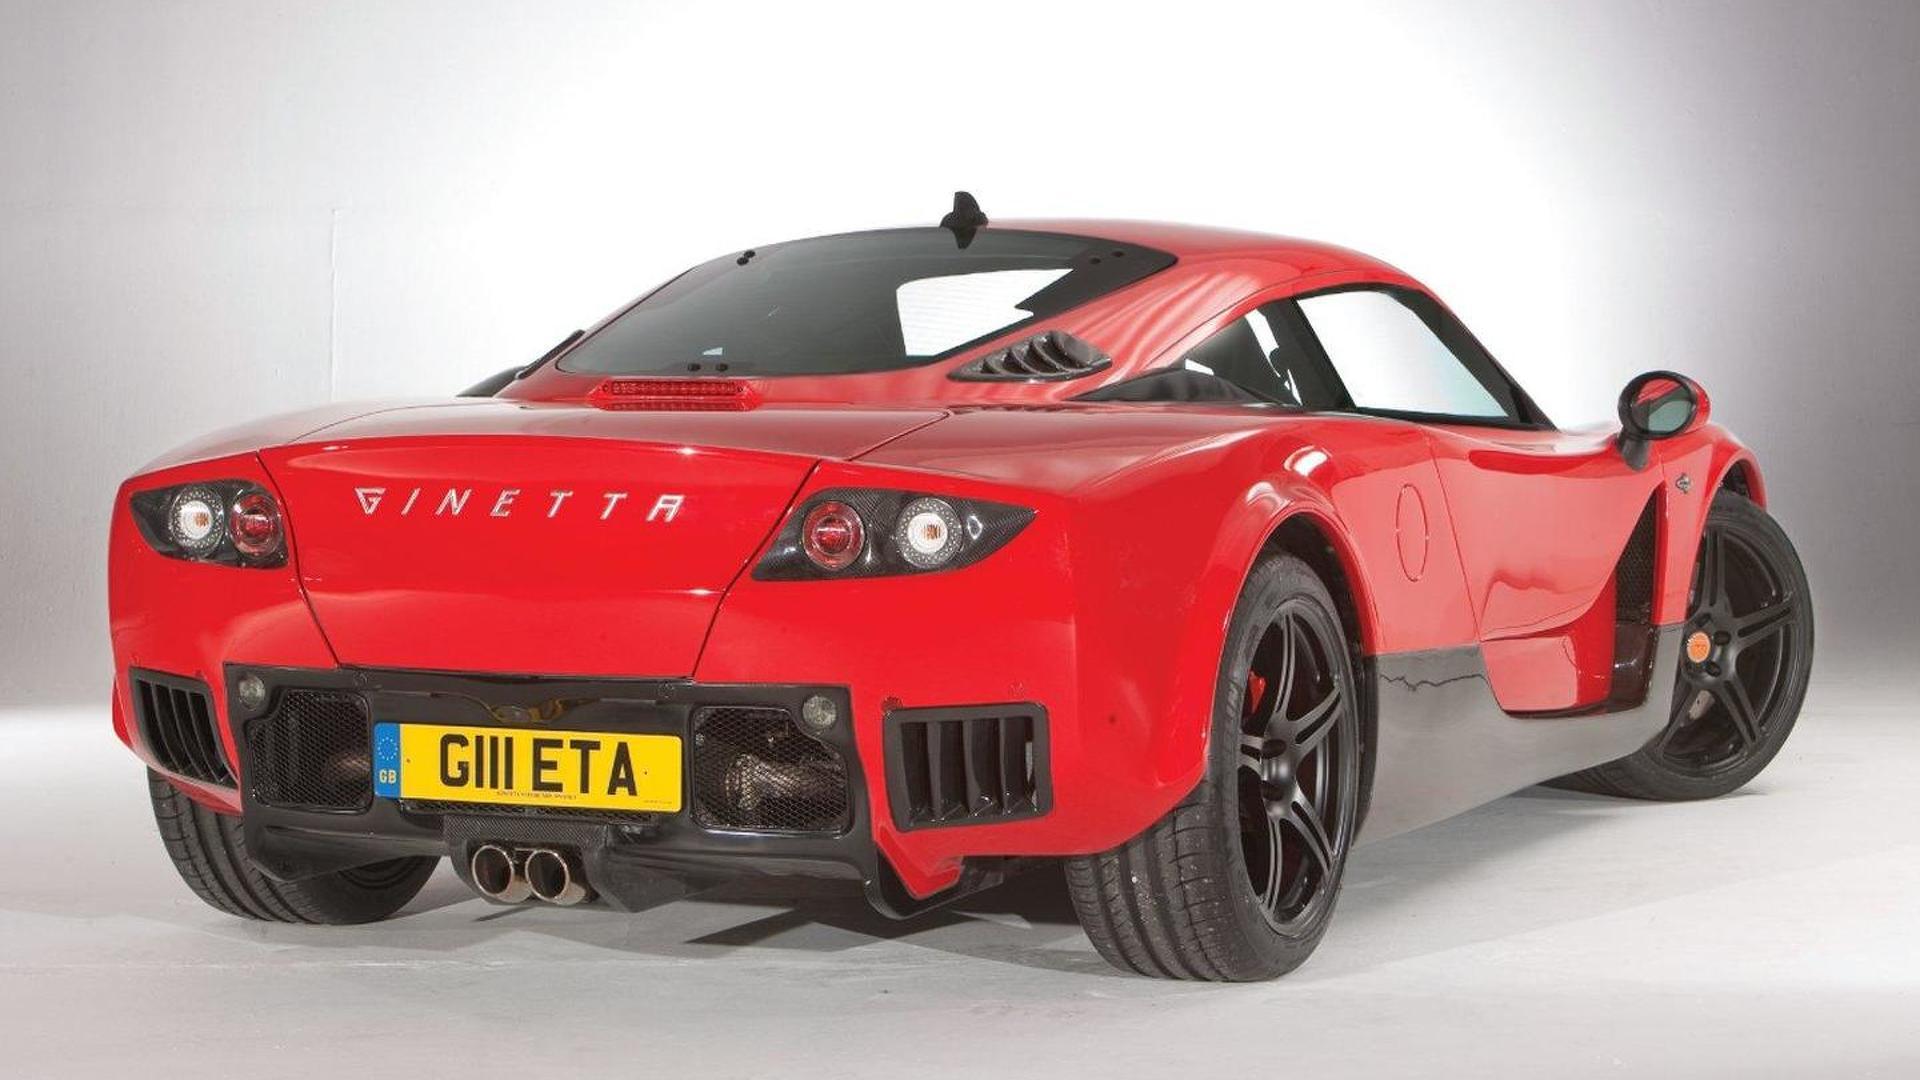 Ginetta G60 revealed